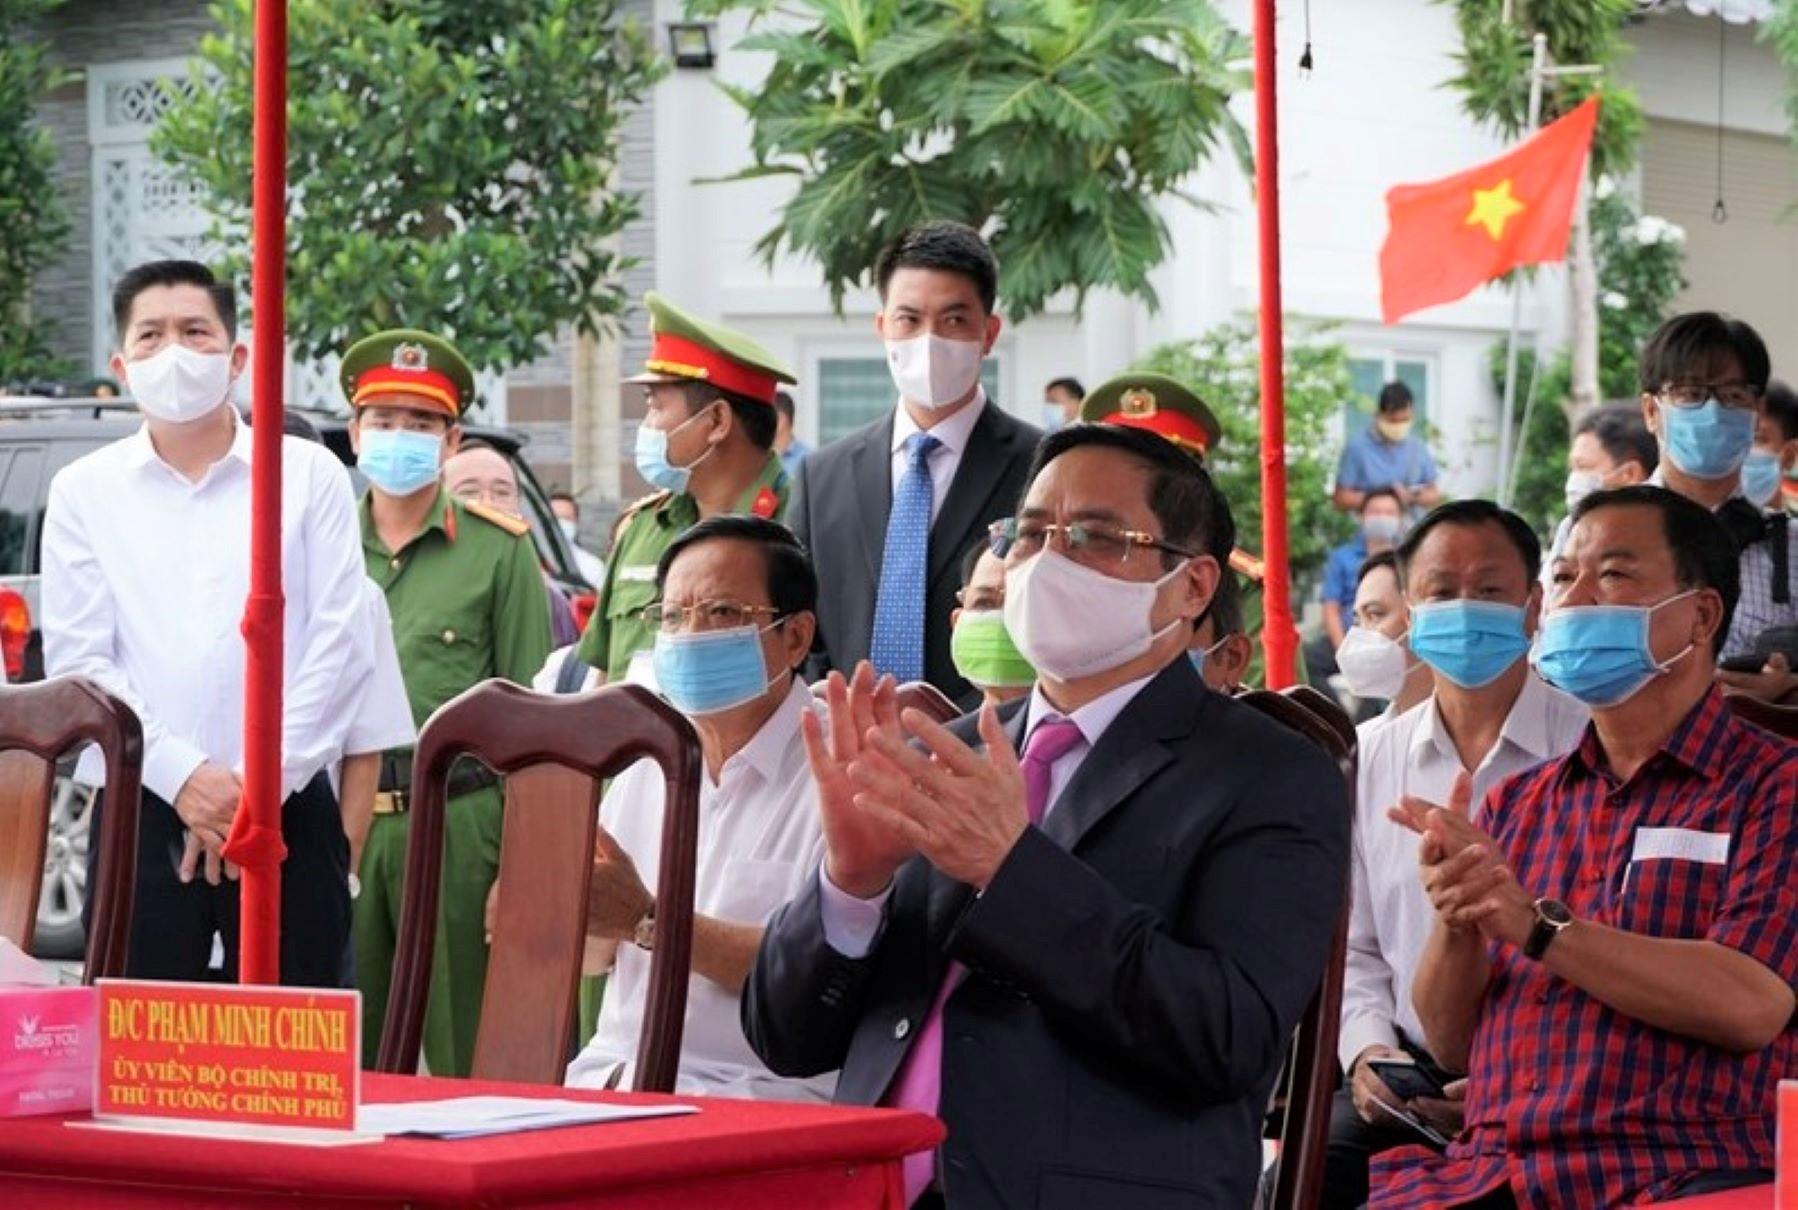 Thủ tướng Chính phủ tại buổi khai mạc bầu cử tại Cần Thơ